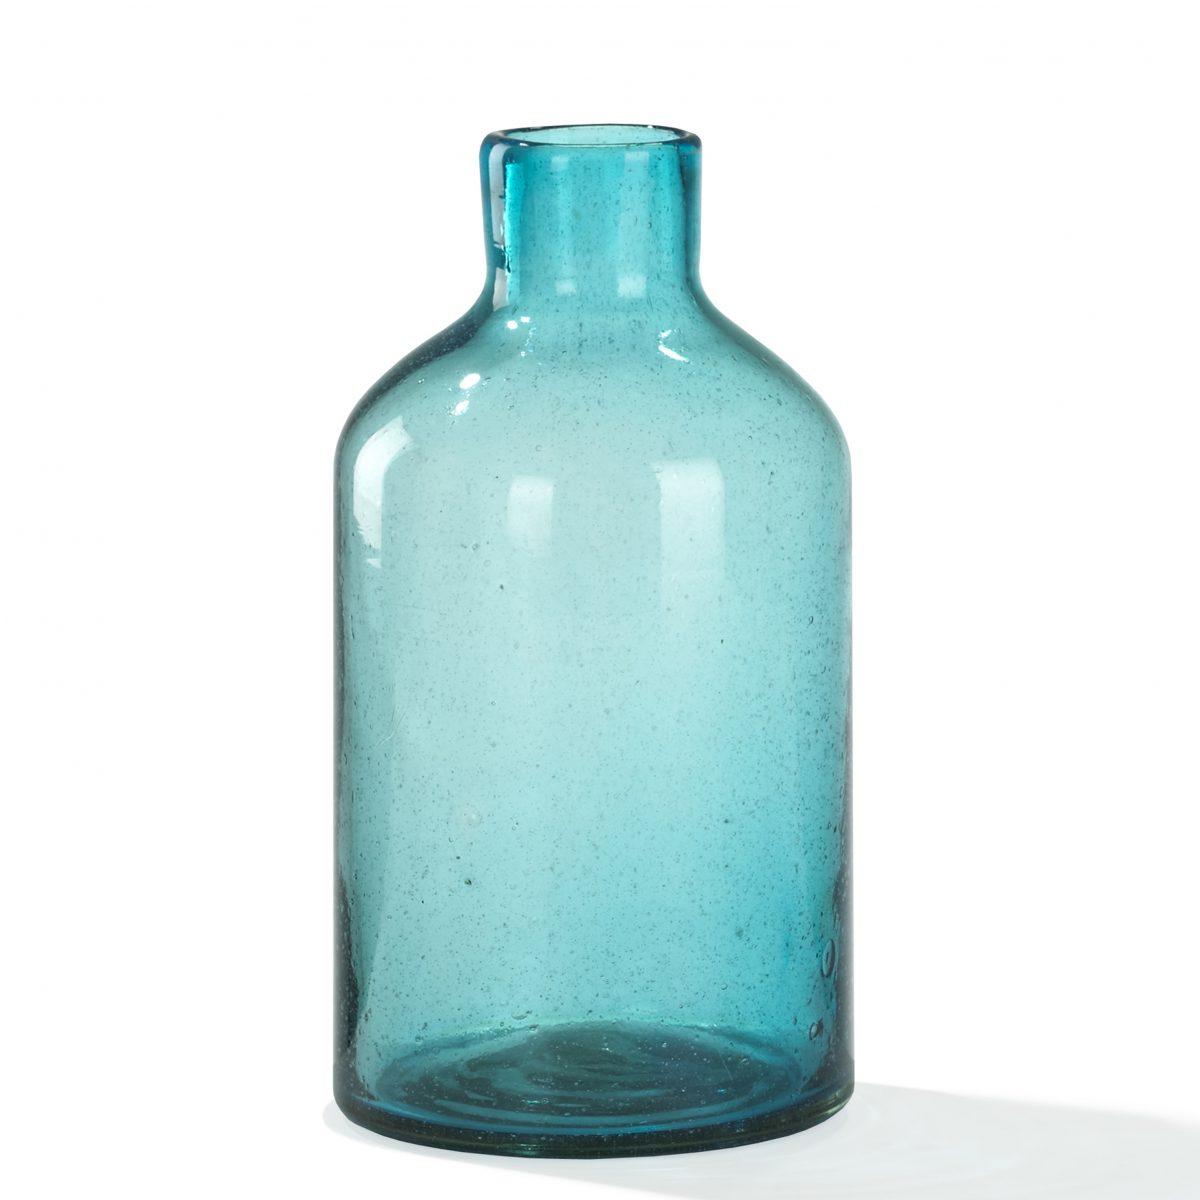 Vase 30  aqua Van Eijk Vander Lubbe Imperfect Design